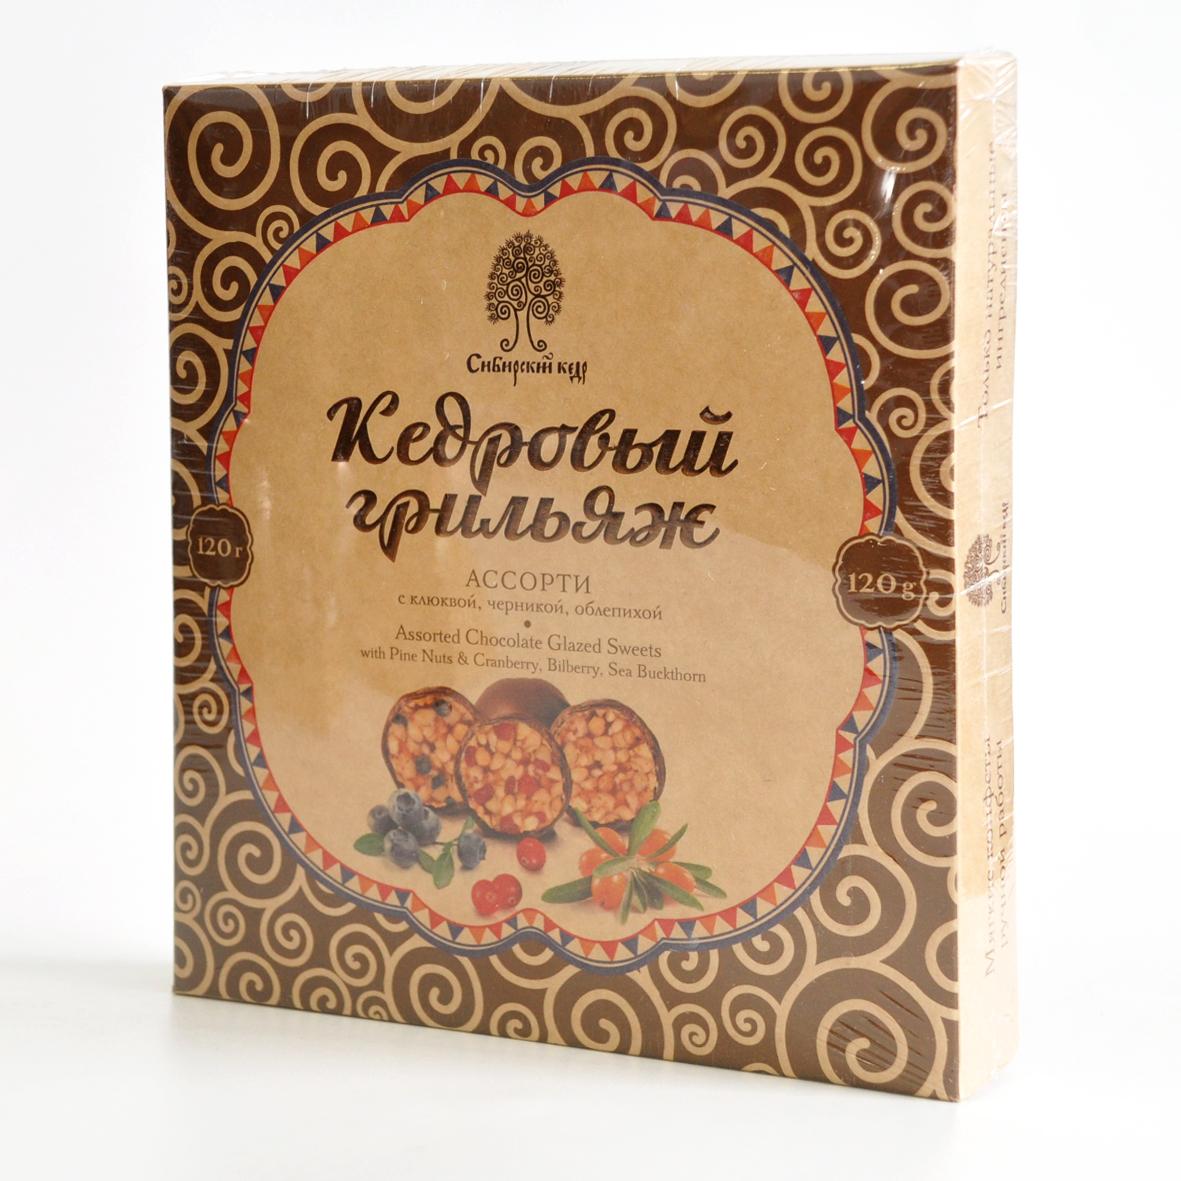 Конфеты Грильяж кедровый ассорти в шоколадной глазури 120г